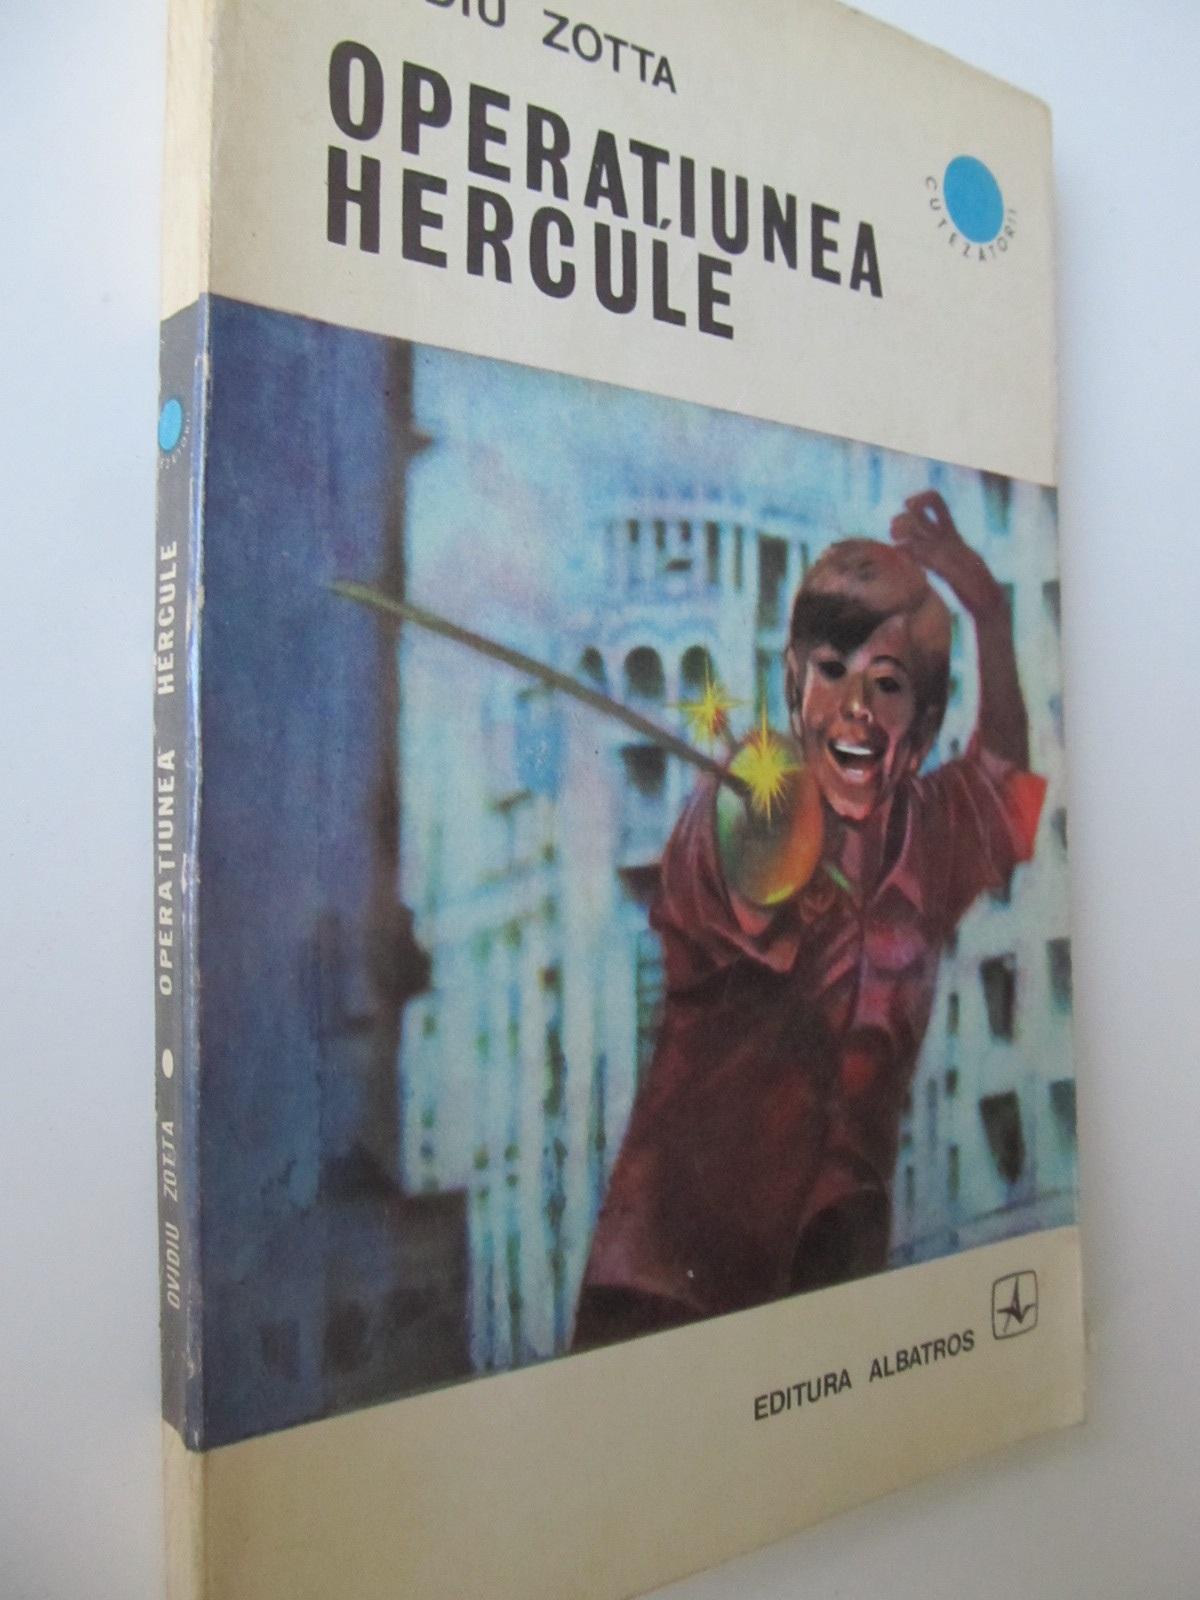 Operatiunea Hercule - Ovidiu Zotta   Detalii carte